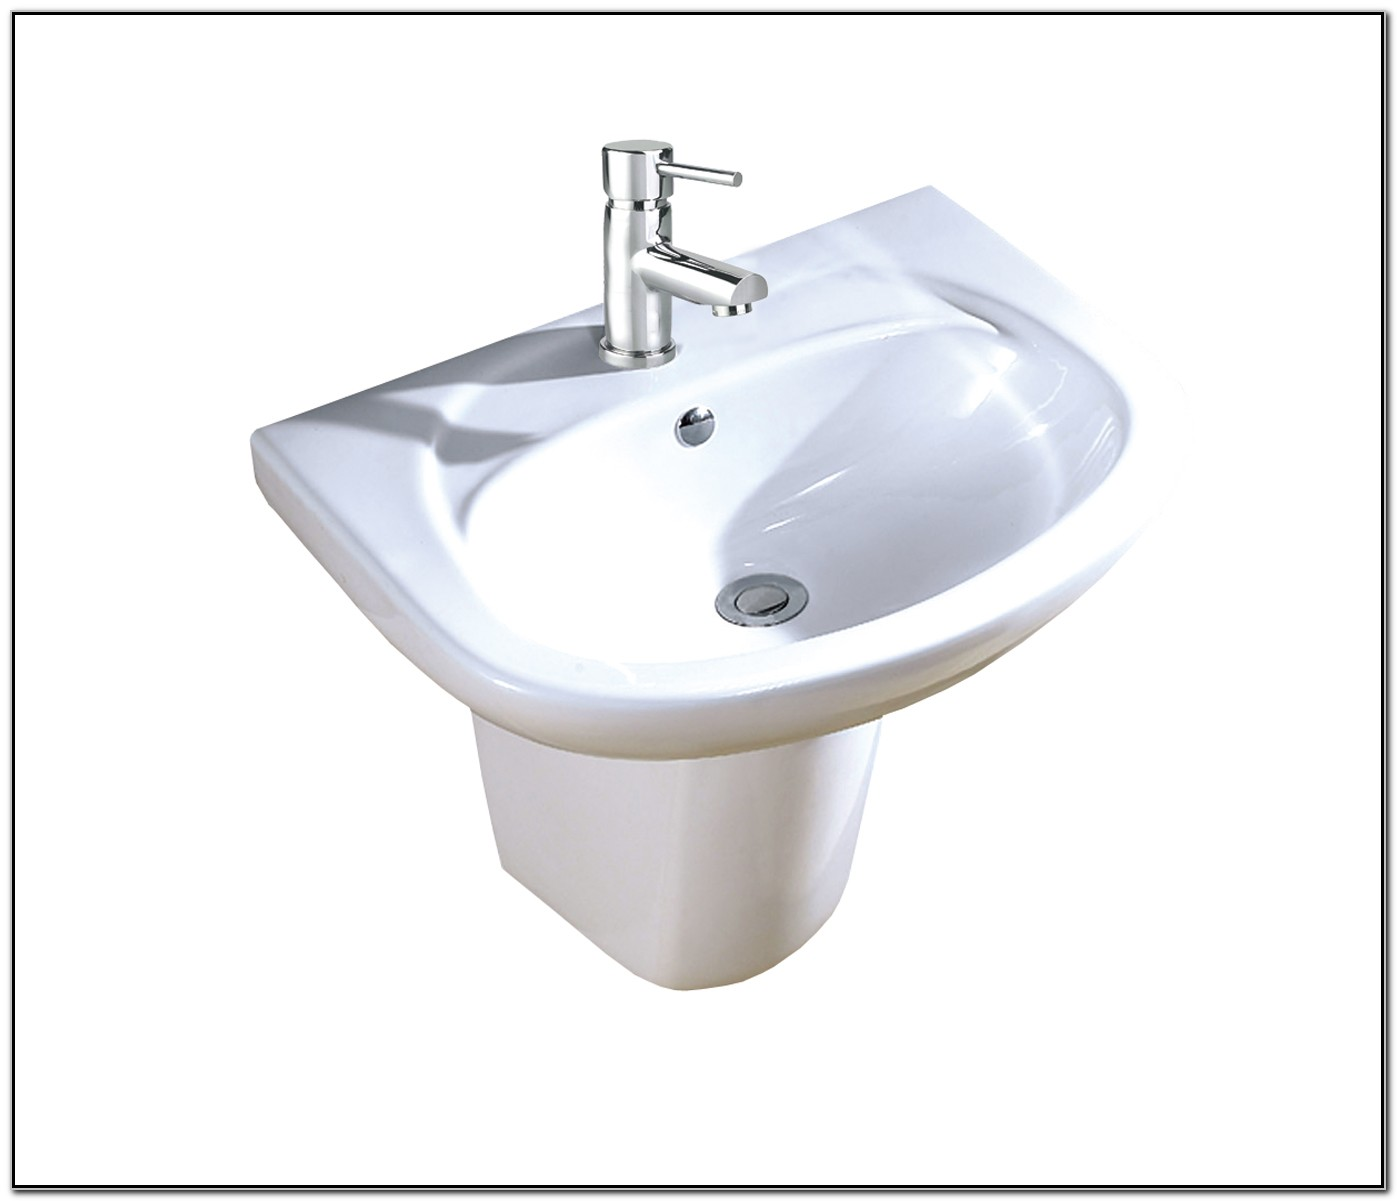 Wall Hung Bathroom Sink Height